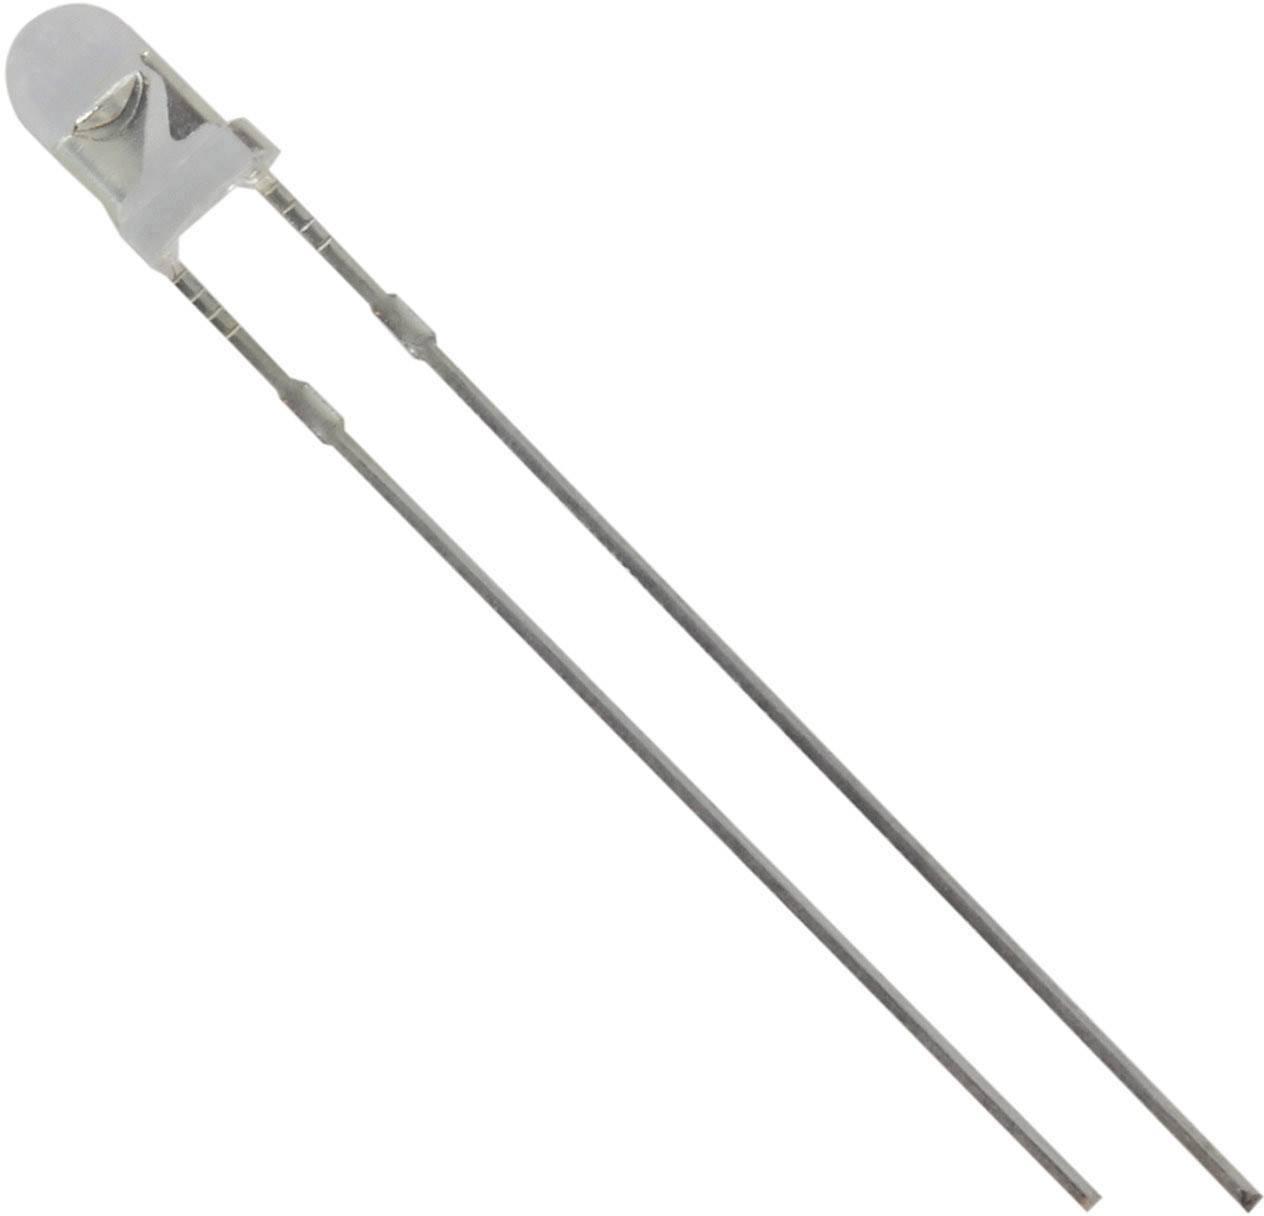 LED s vývody HuiYuan 3034W2C-CSD-B, typ čočky kulatý, 3 mm, 25 °, 20 mA, 5900 mcd, 3.1 V, bílá